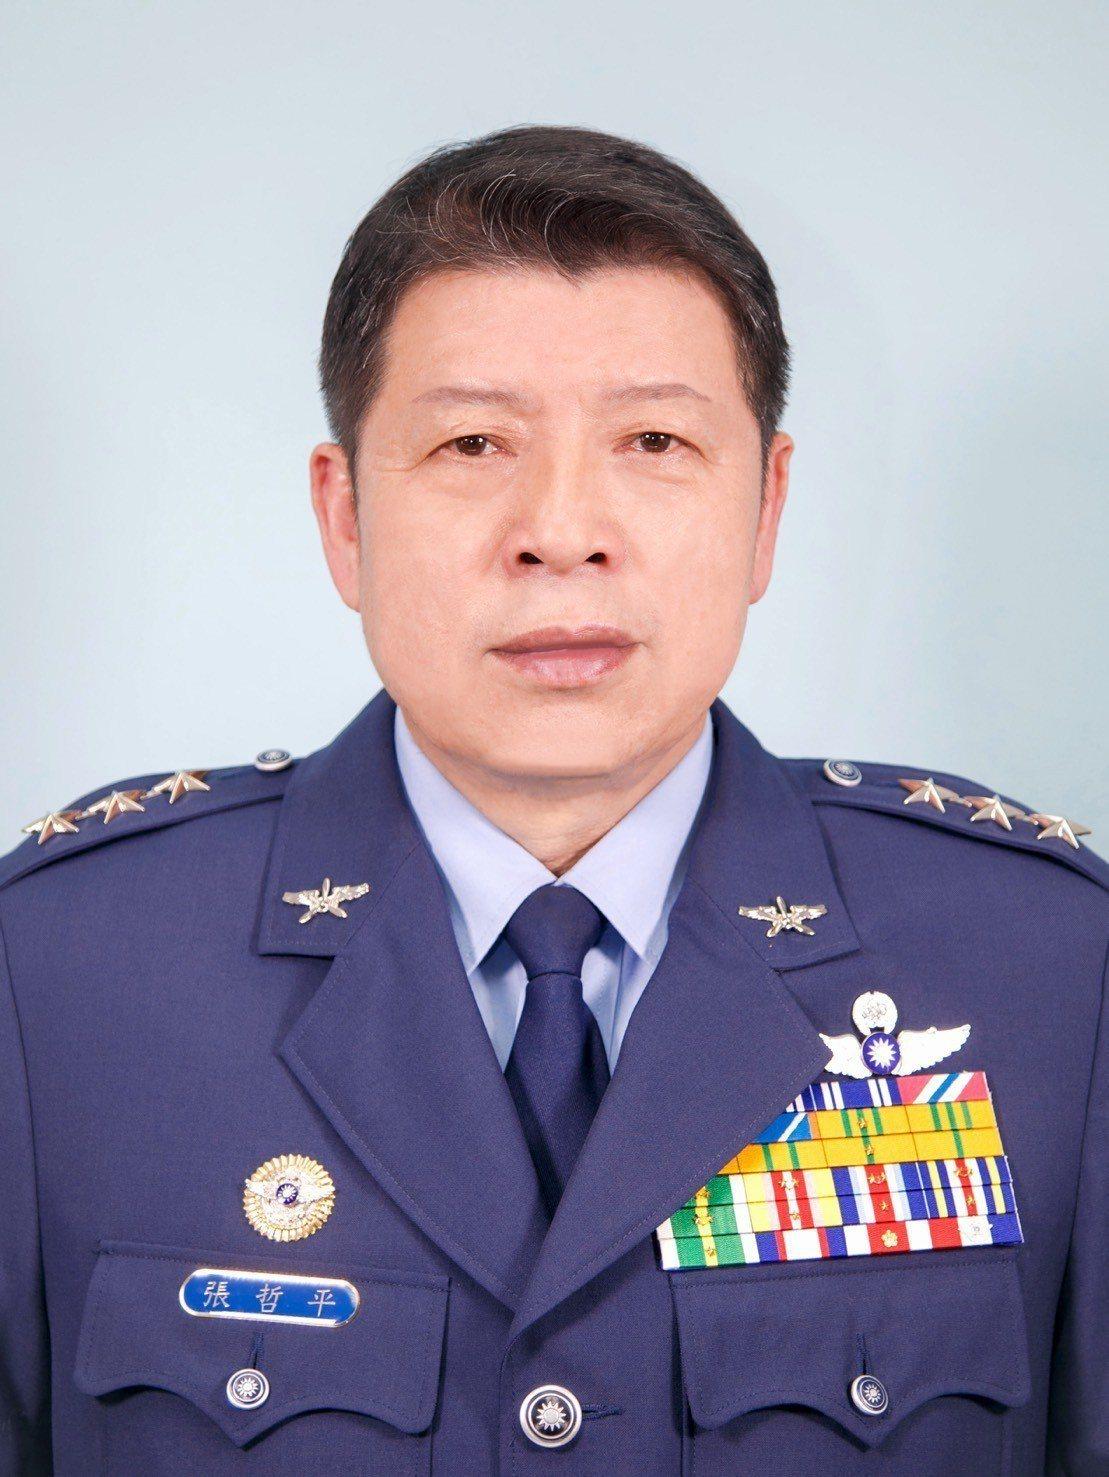 國防部上將軍政副部長由空軍司令部司令張哲平上將調任。圖/國防部